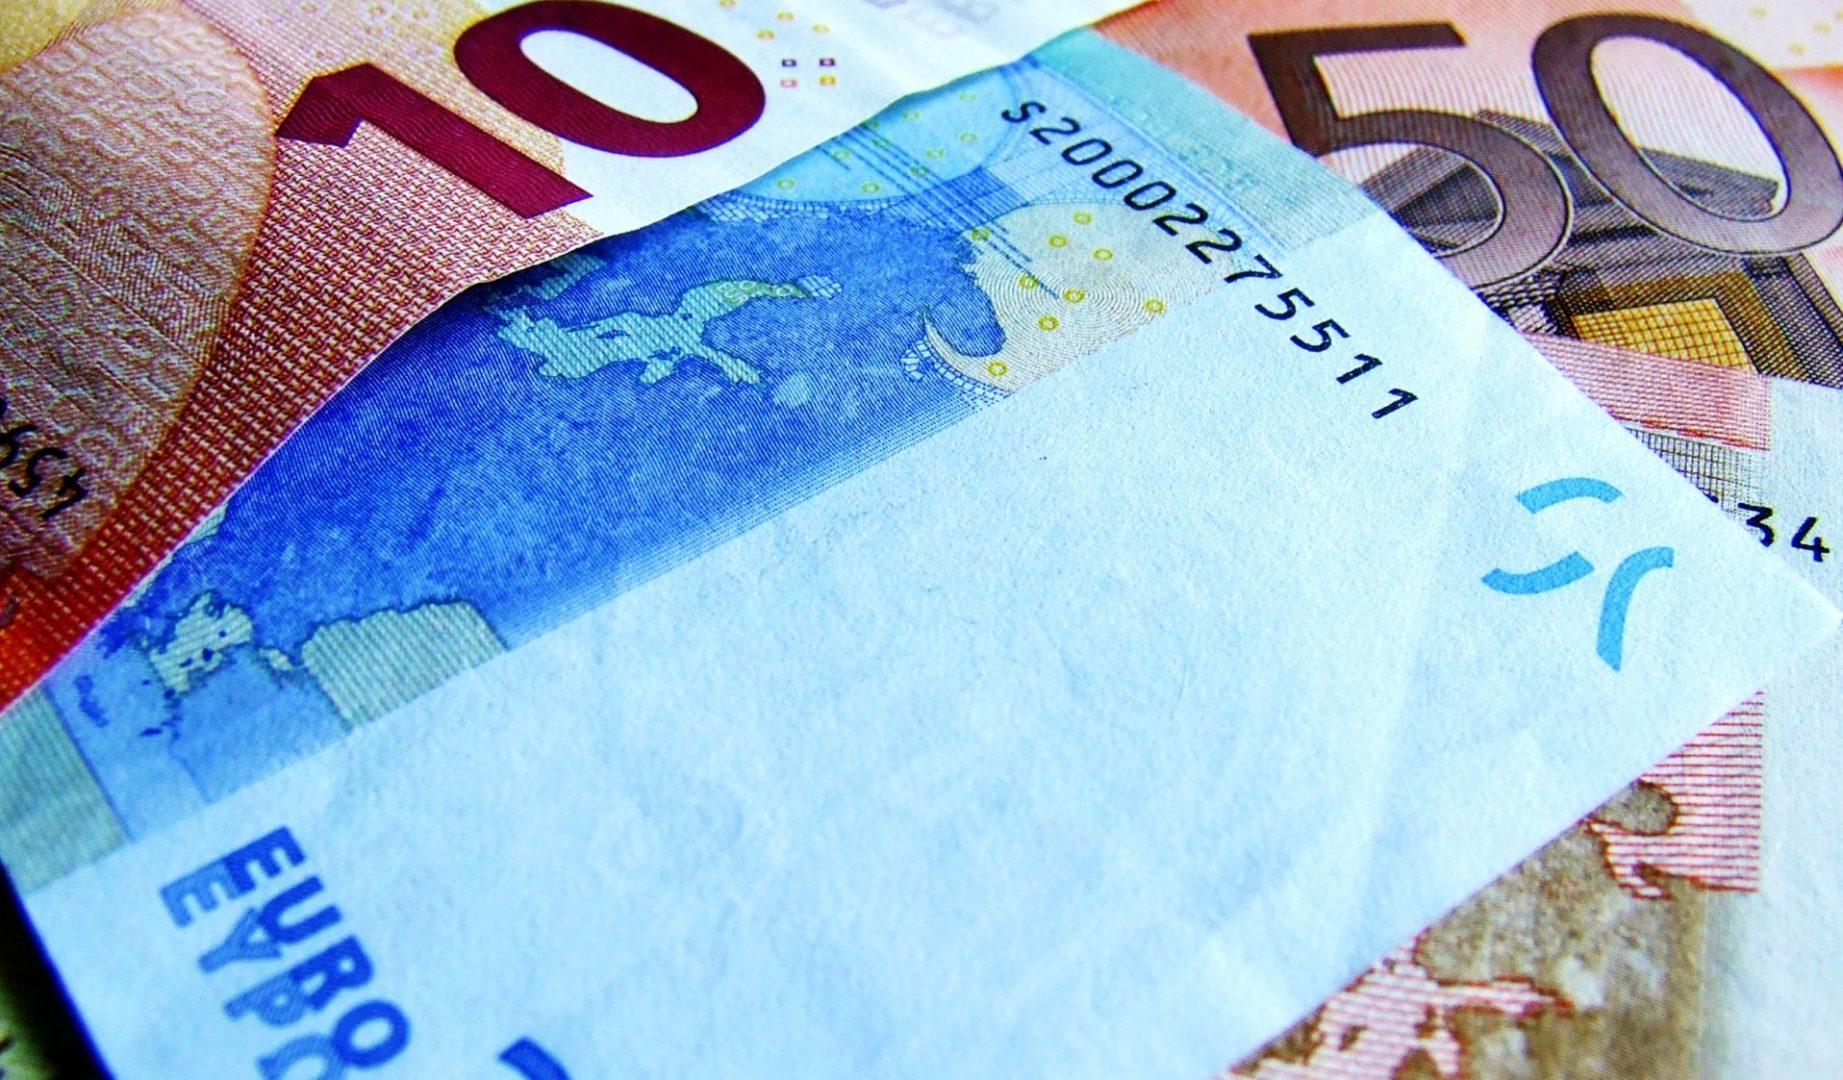 Curs valutar BNR, 30 iunie 2020. Cursul leu/euro se menține constant. Criptomonedele principale, gramul de aur și acțiunile FAANG